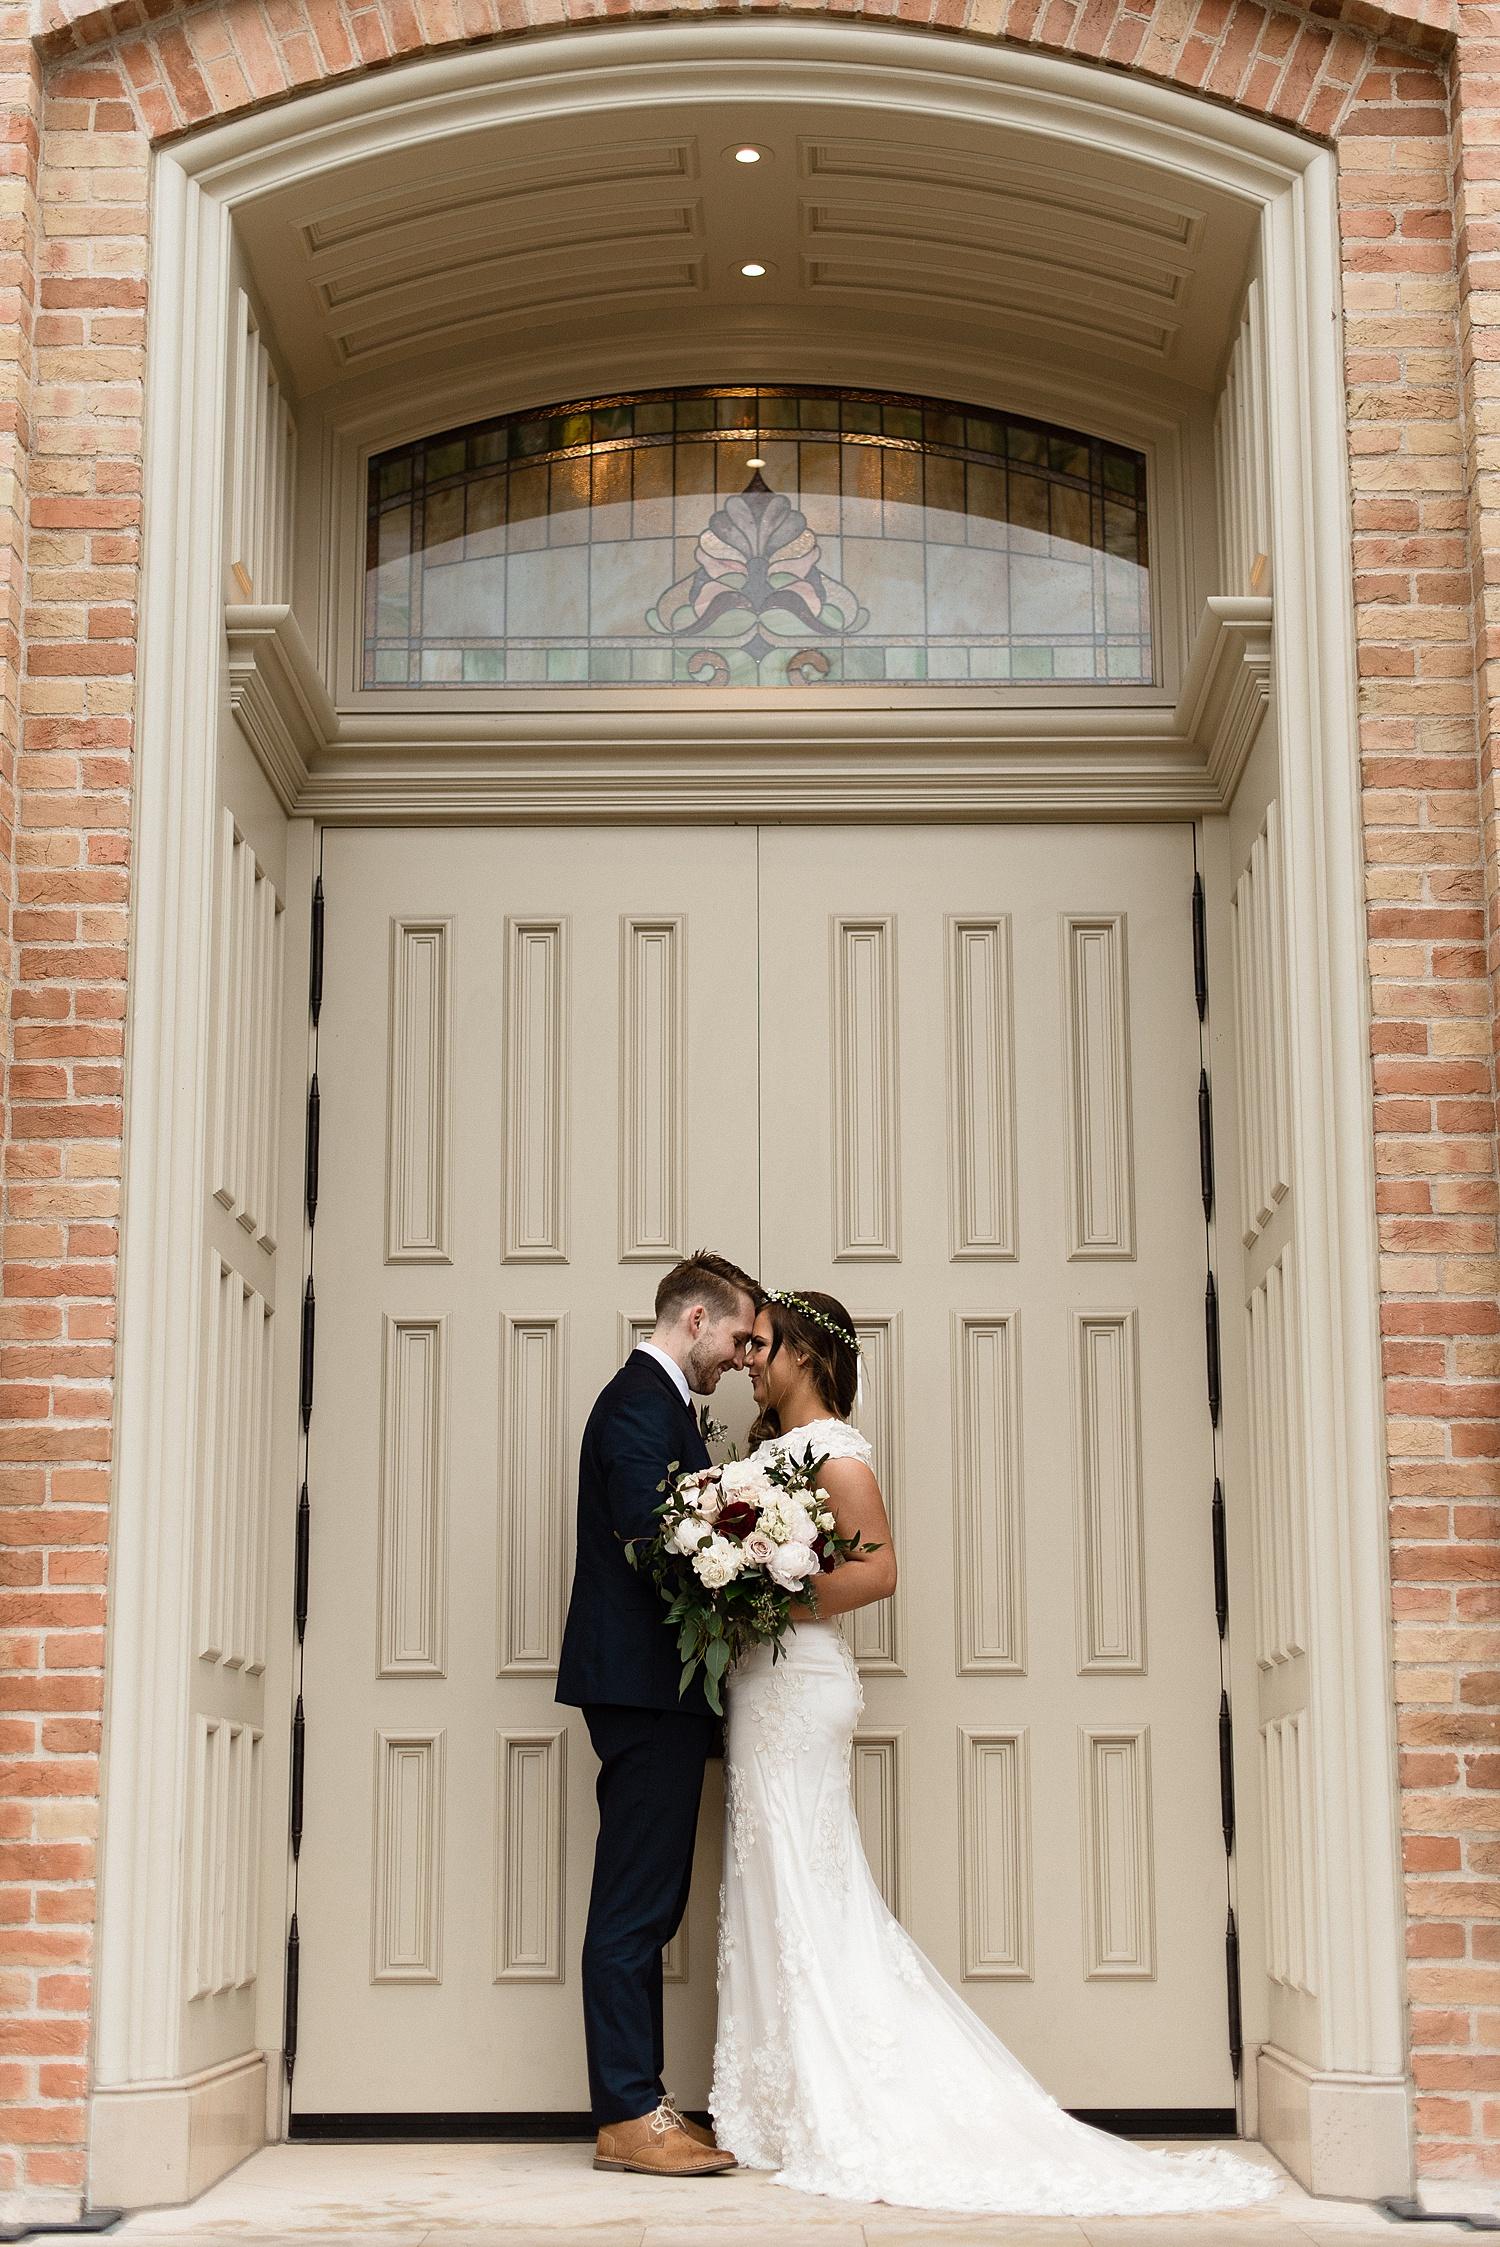 Zandra Barriga Photo - Dallas and Megan Wedding_0018.jpg